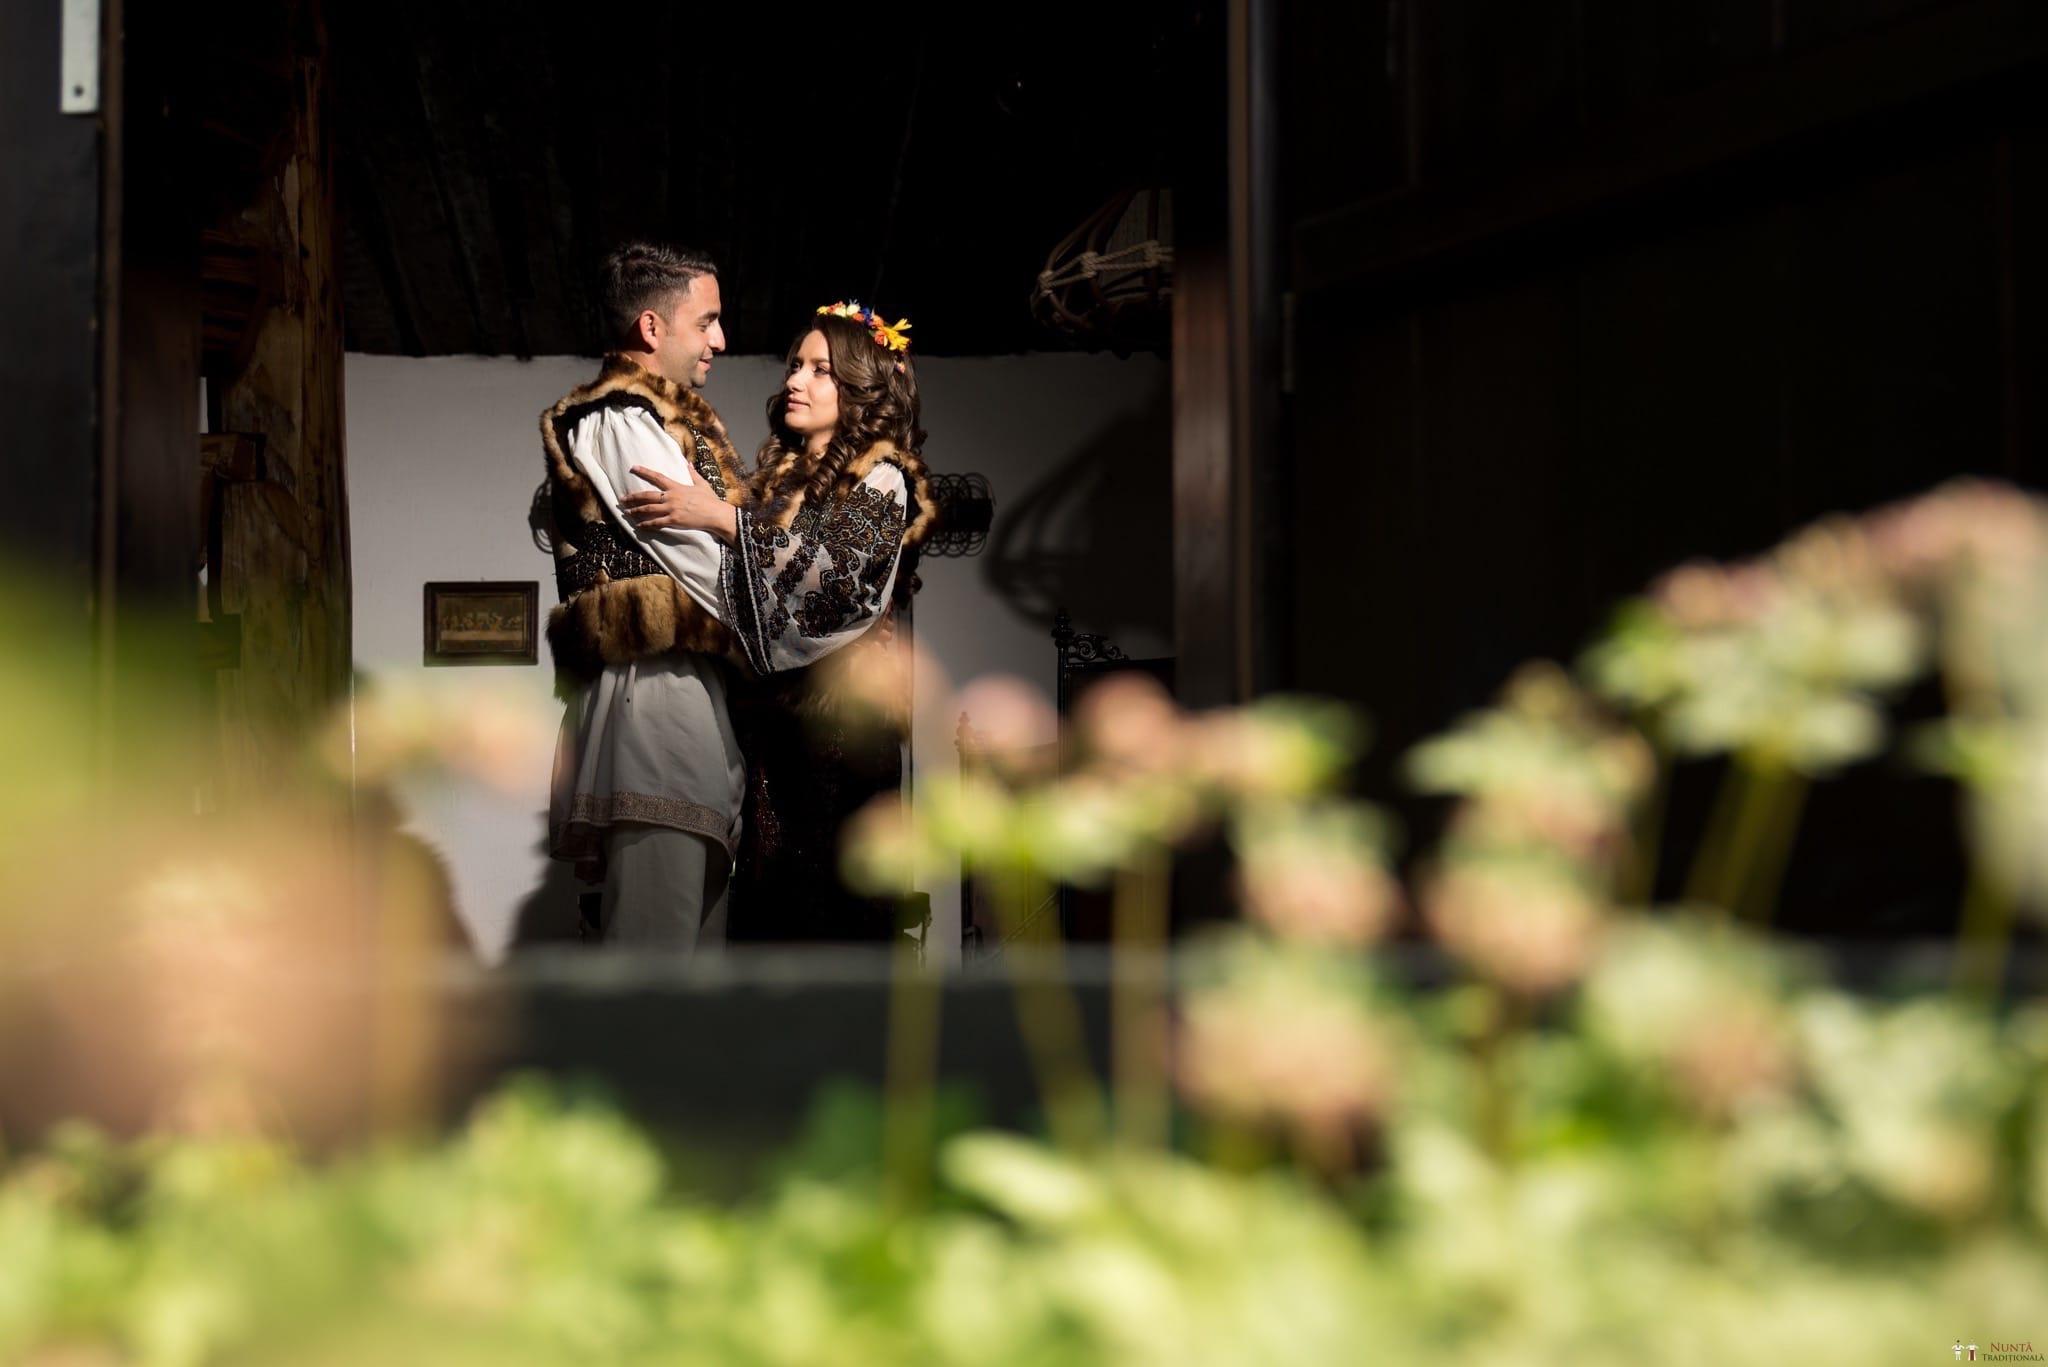 Povești Nunți Tradiționale - Irina și Alexandru, nuntă în Câmpulung Moldovenesc, Suceava 46